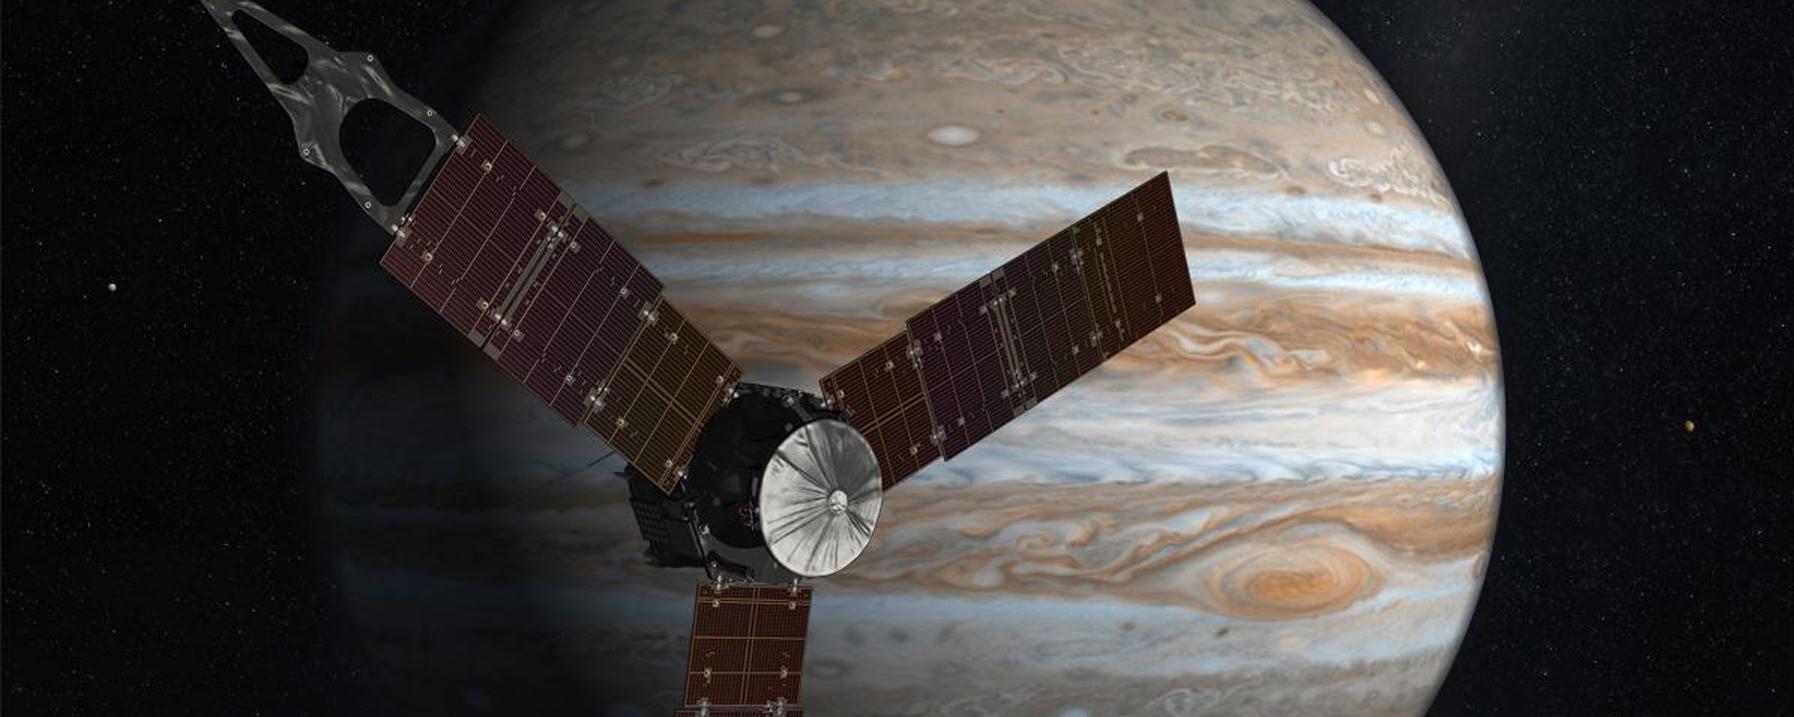 木星を周回するジュノー探査機